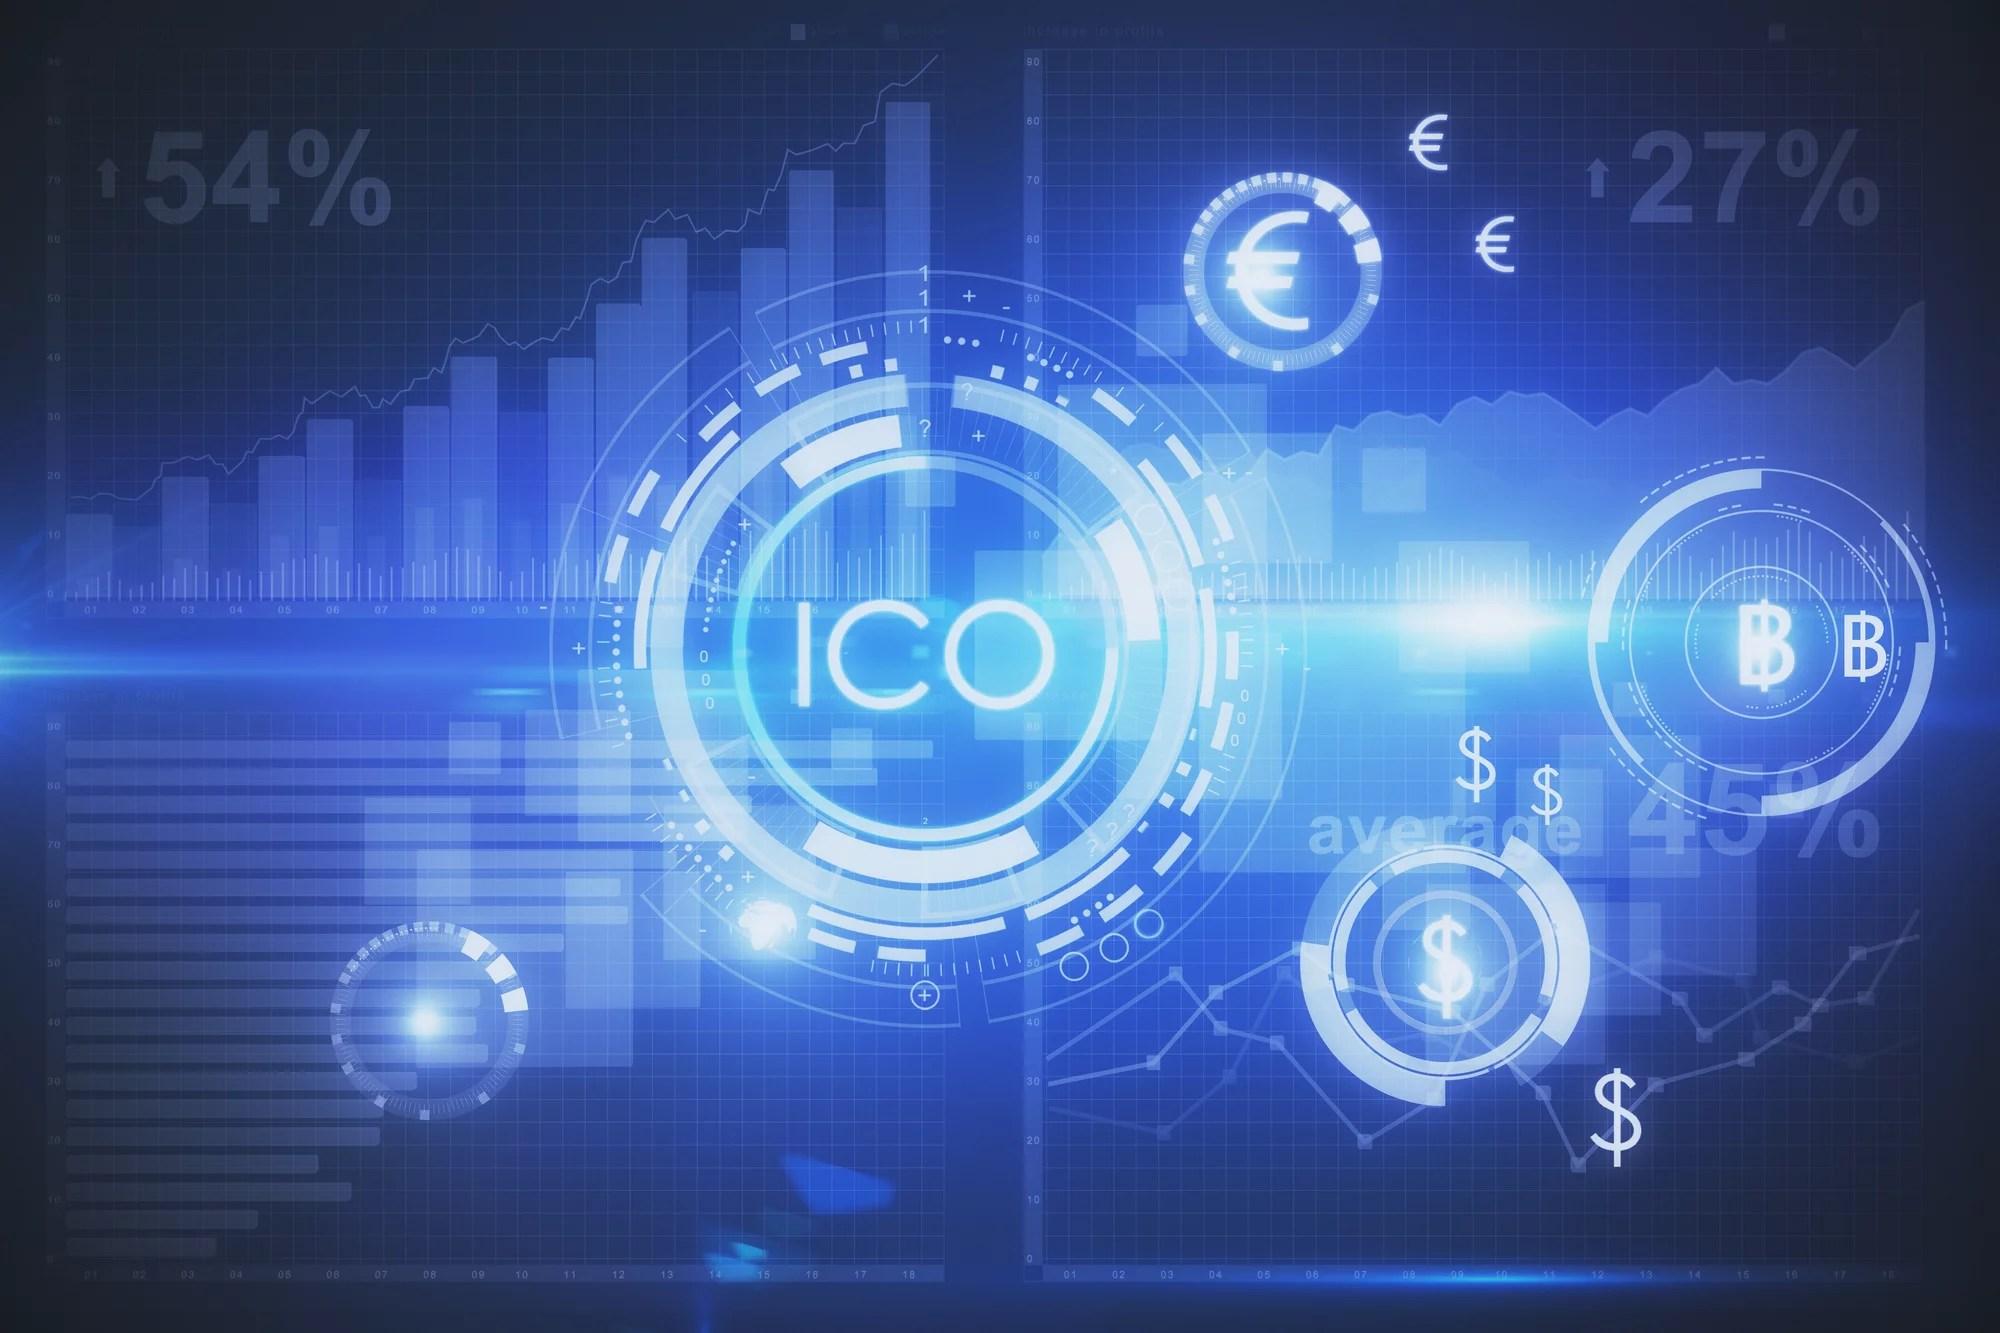 Reporte de Coinschedule muestra los números en la caída del mercado de ICO durante el último año